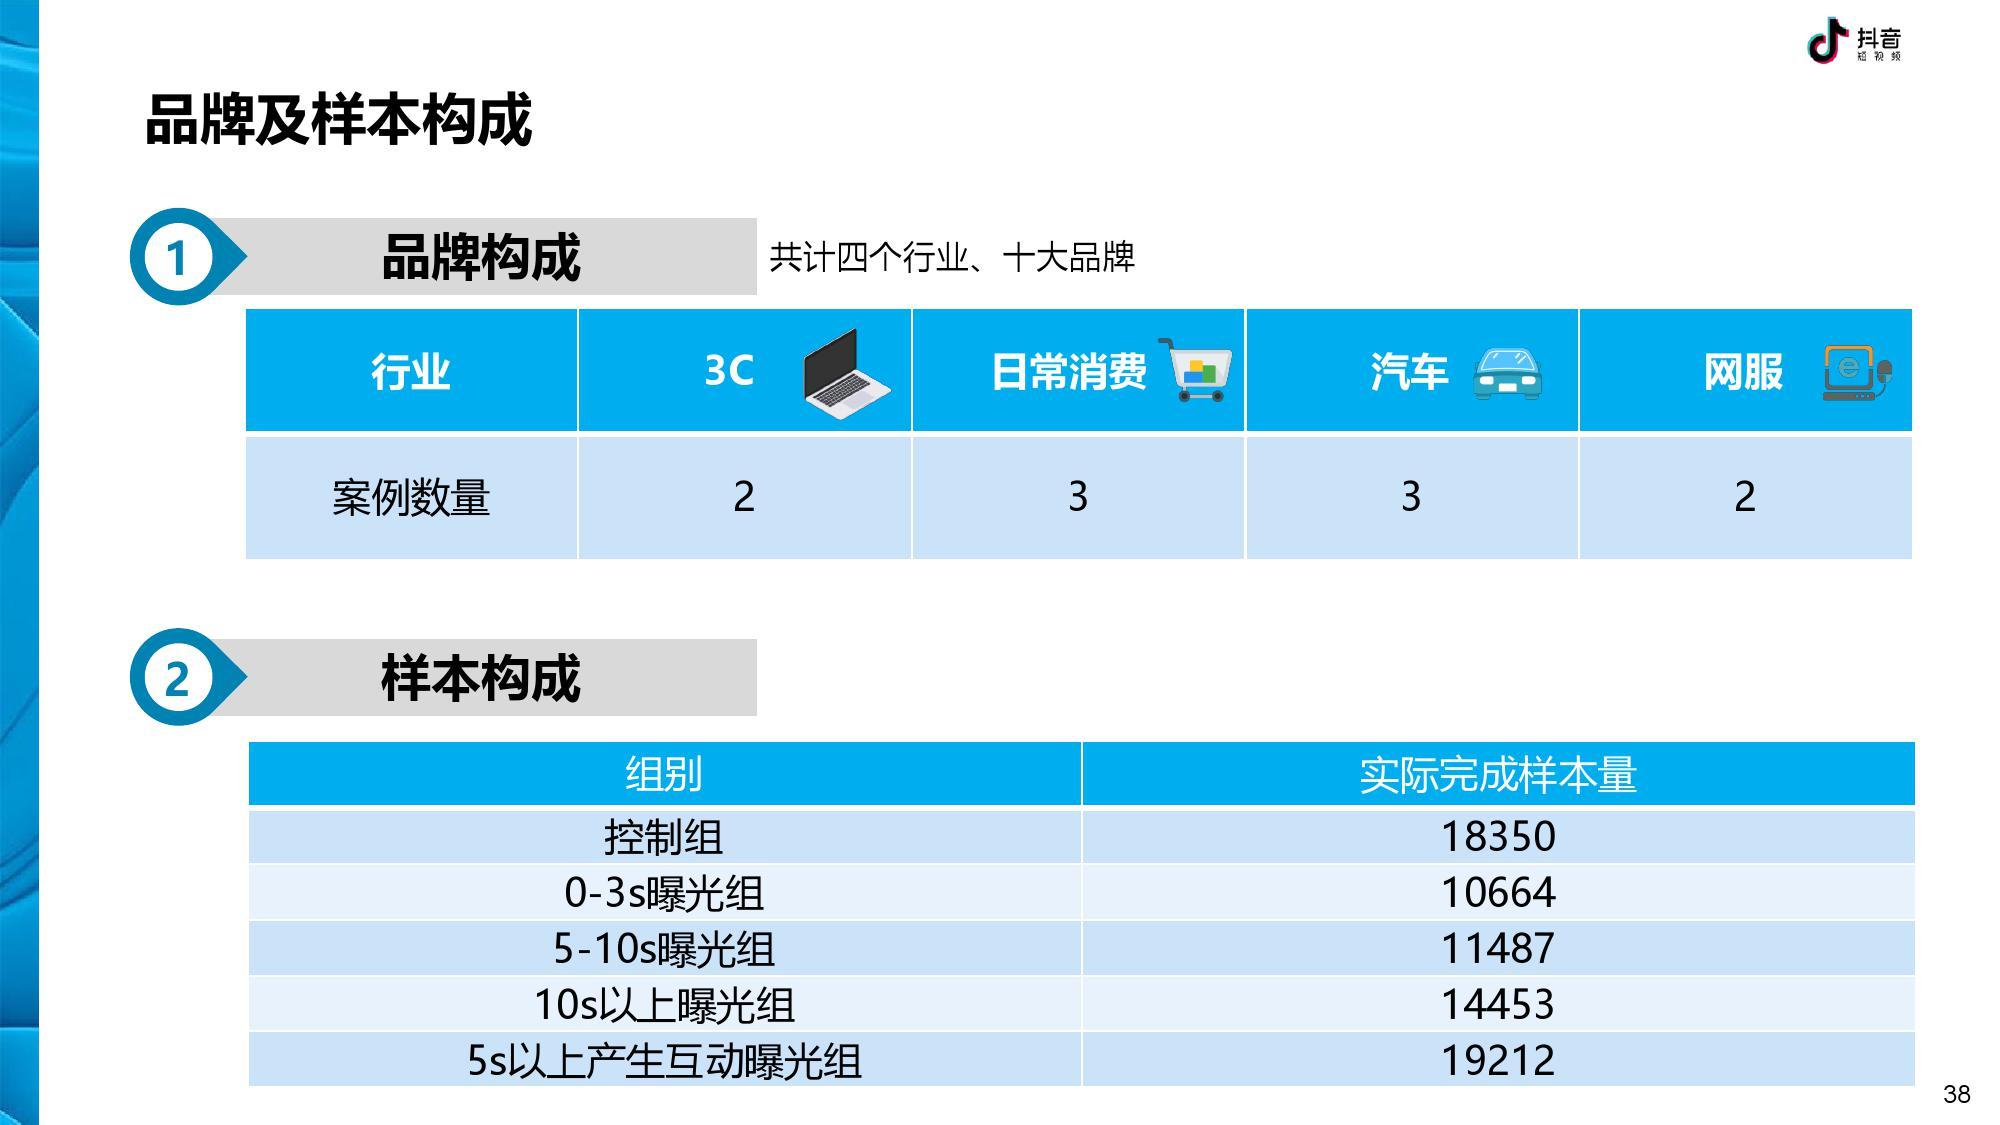 抖音 DTV 广告营销价值白皮书-CNMOAD 中文移动营销资讯 38